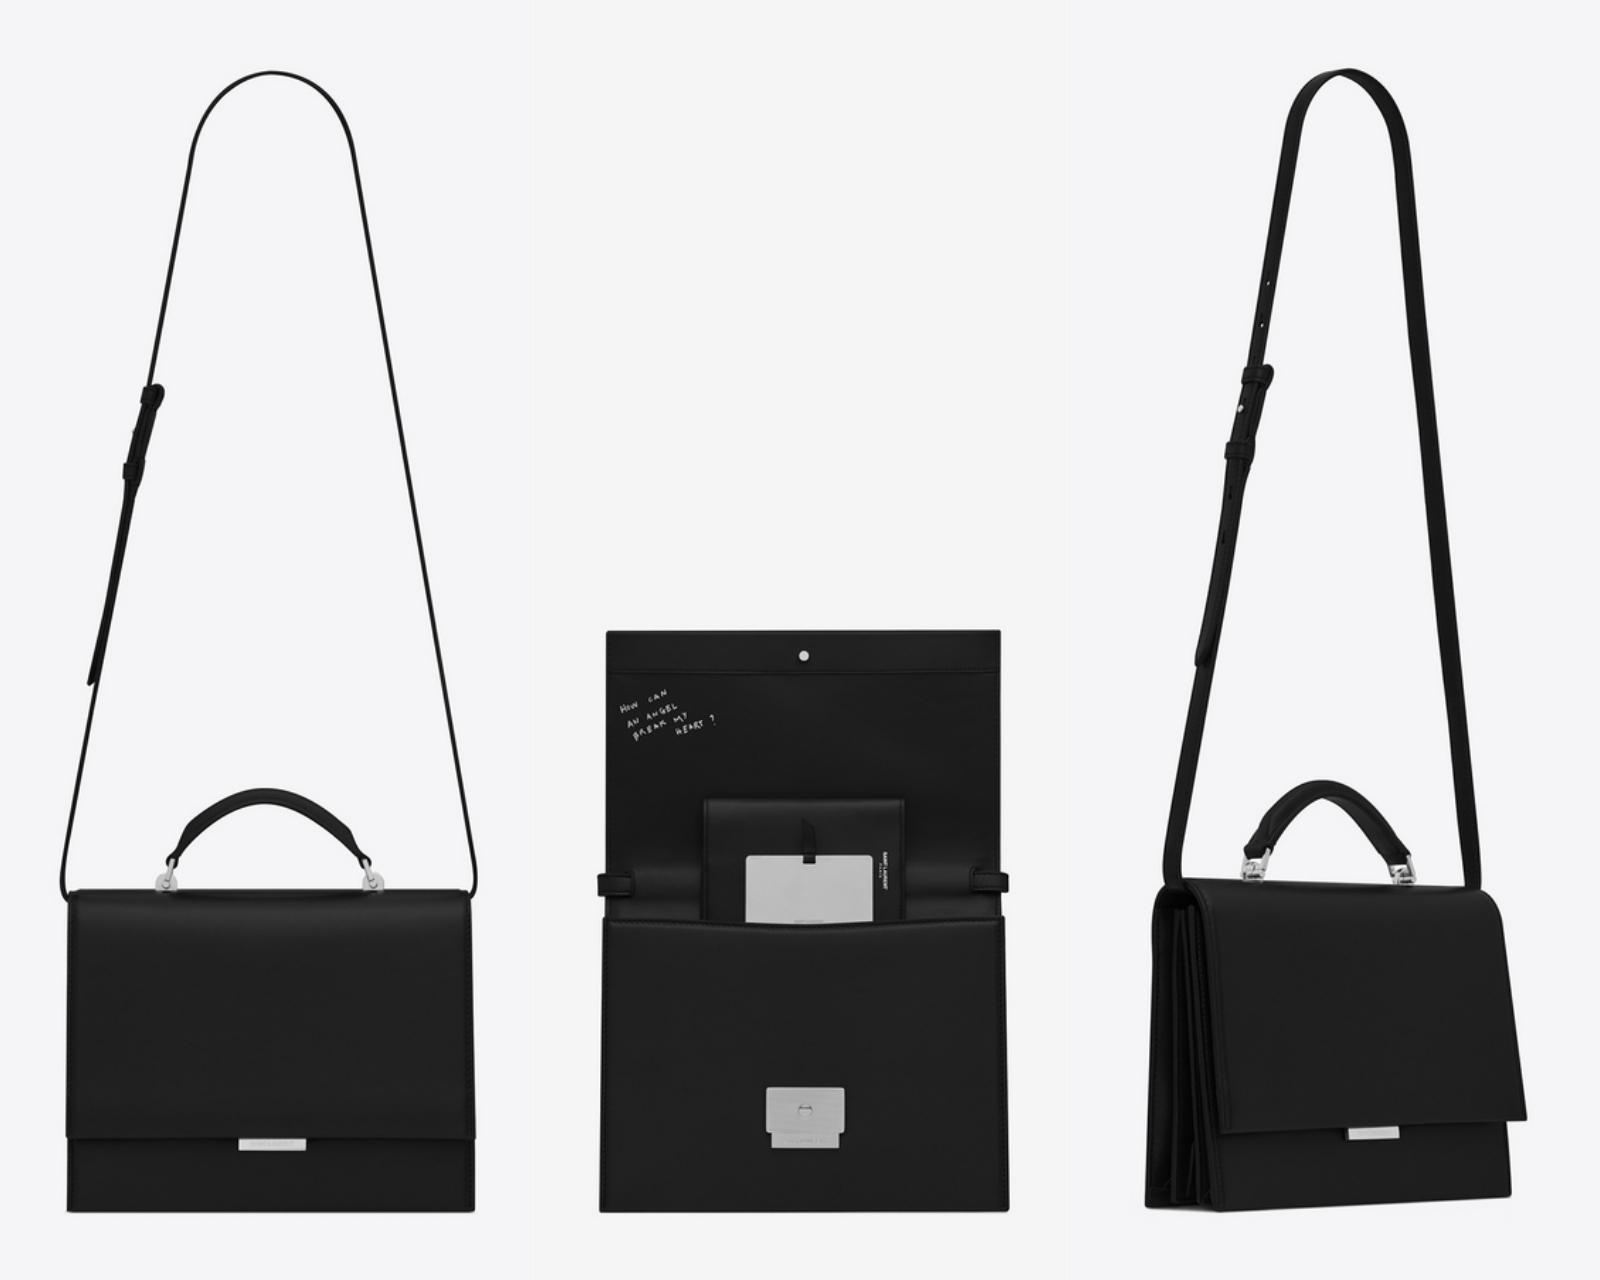 """Ngoài quai xách và quai đeo linh hoạt, túi Babylone của Saint Laurent còn """"trang bị"""" thêm gương soi và vỏ bọc passport bằng da cho bạn."""